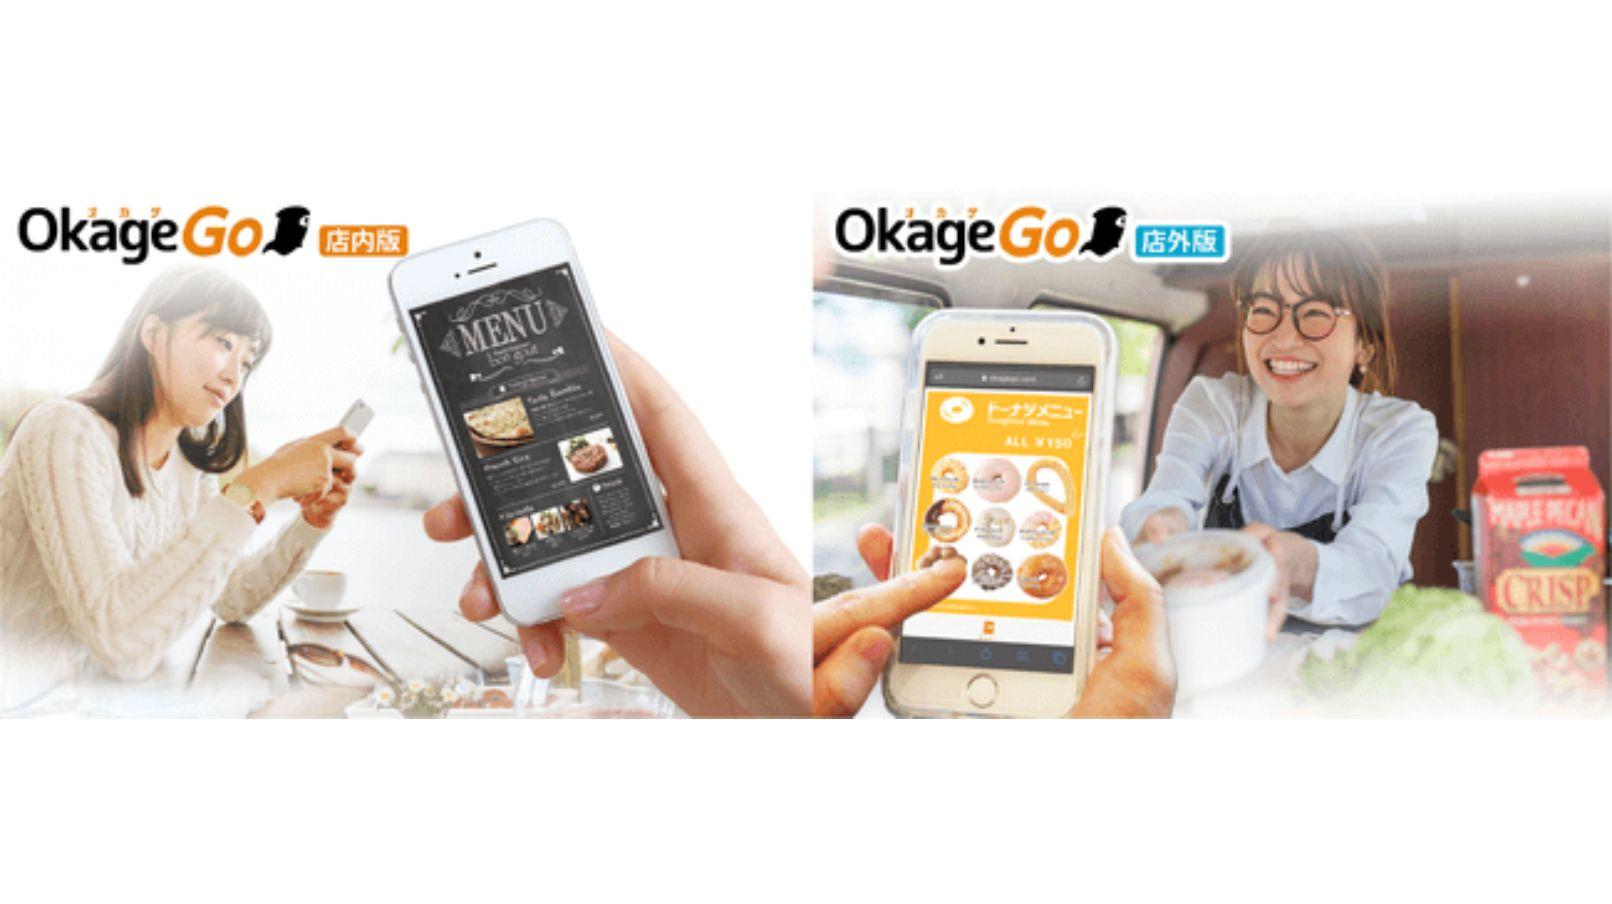 決済代行業界大手のジェイエムエスとモバイルオーダーの先駆者Okageが顧客紹介契約を締結。